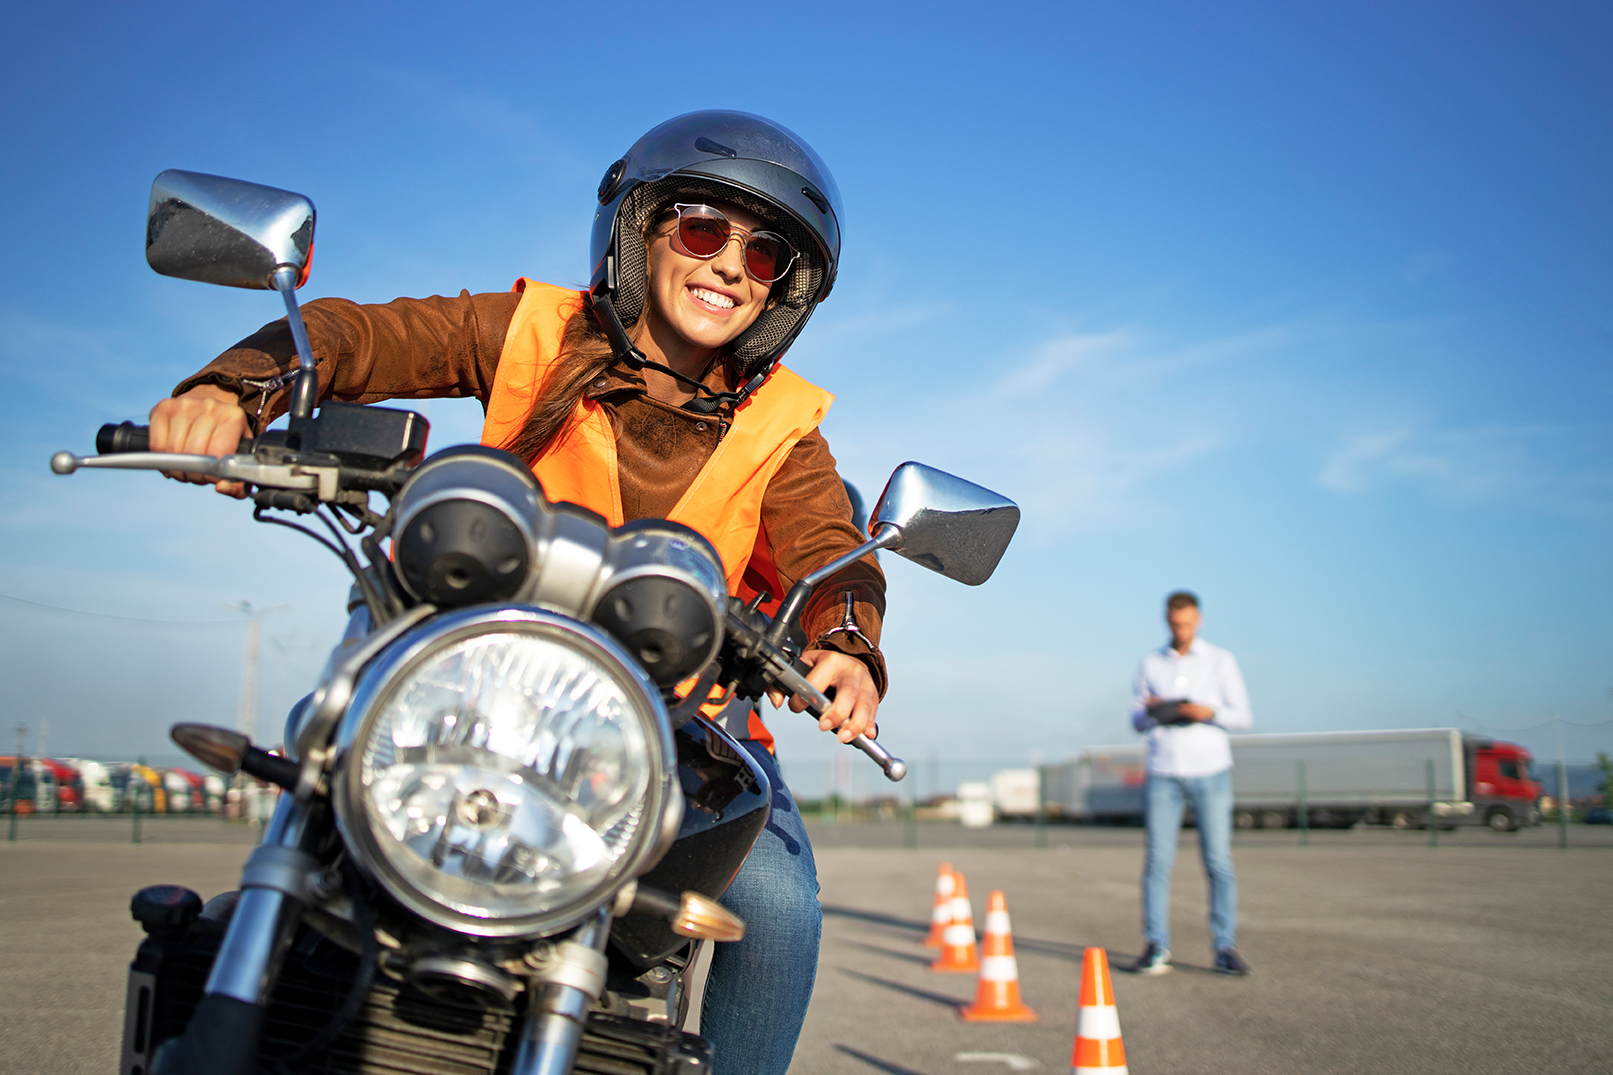 Junge Frau bei Motorradprüfung